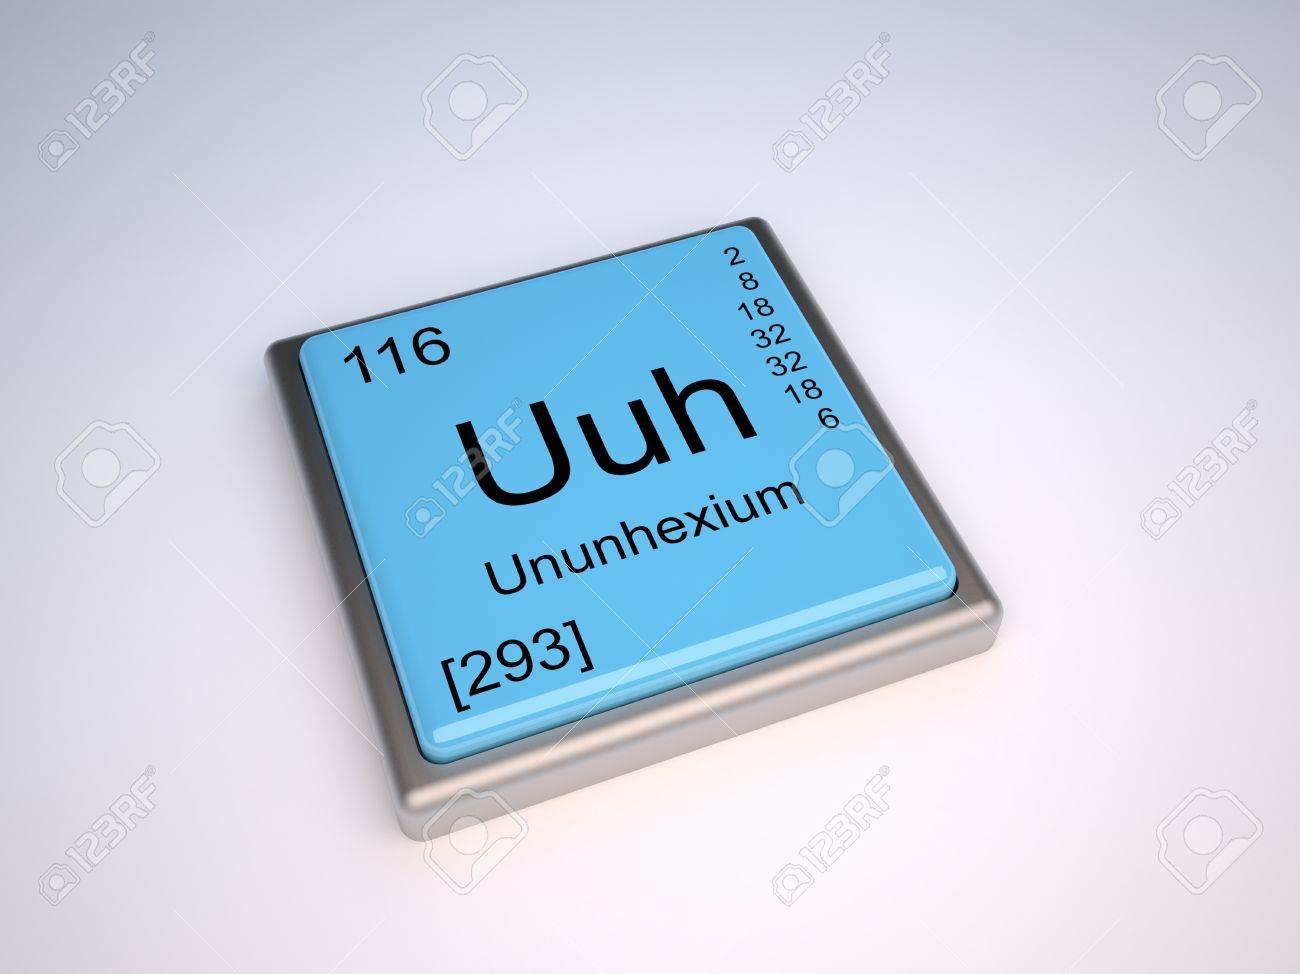 Ununhexio elemento qumico de la tabla peridica con el smbolo uuh foto de archivo ununhexio elemento qumico de la tabla peridica con el smbolo uuh urtaz Image collections